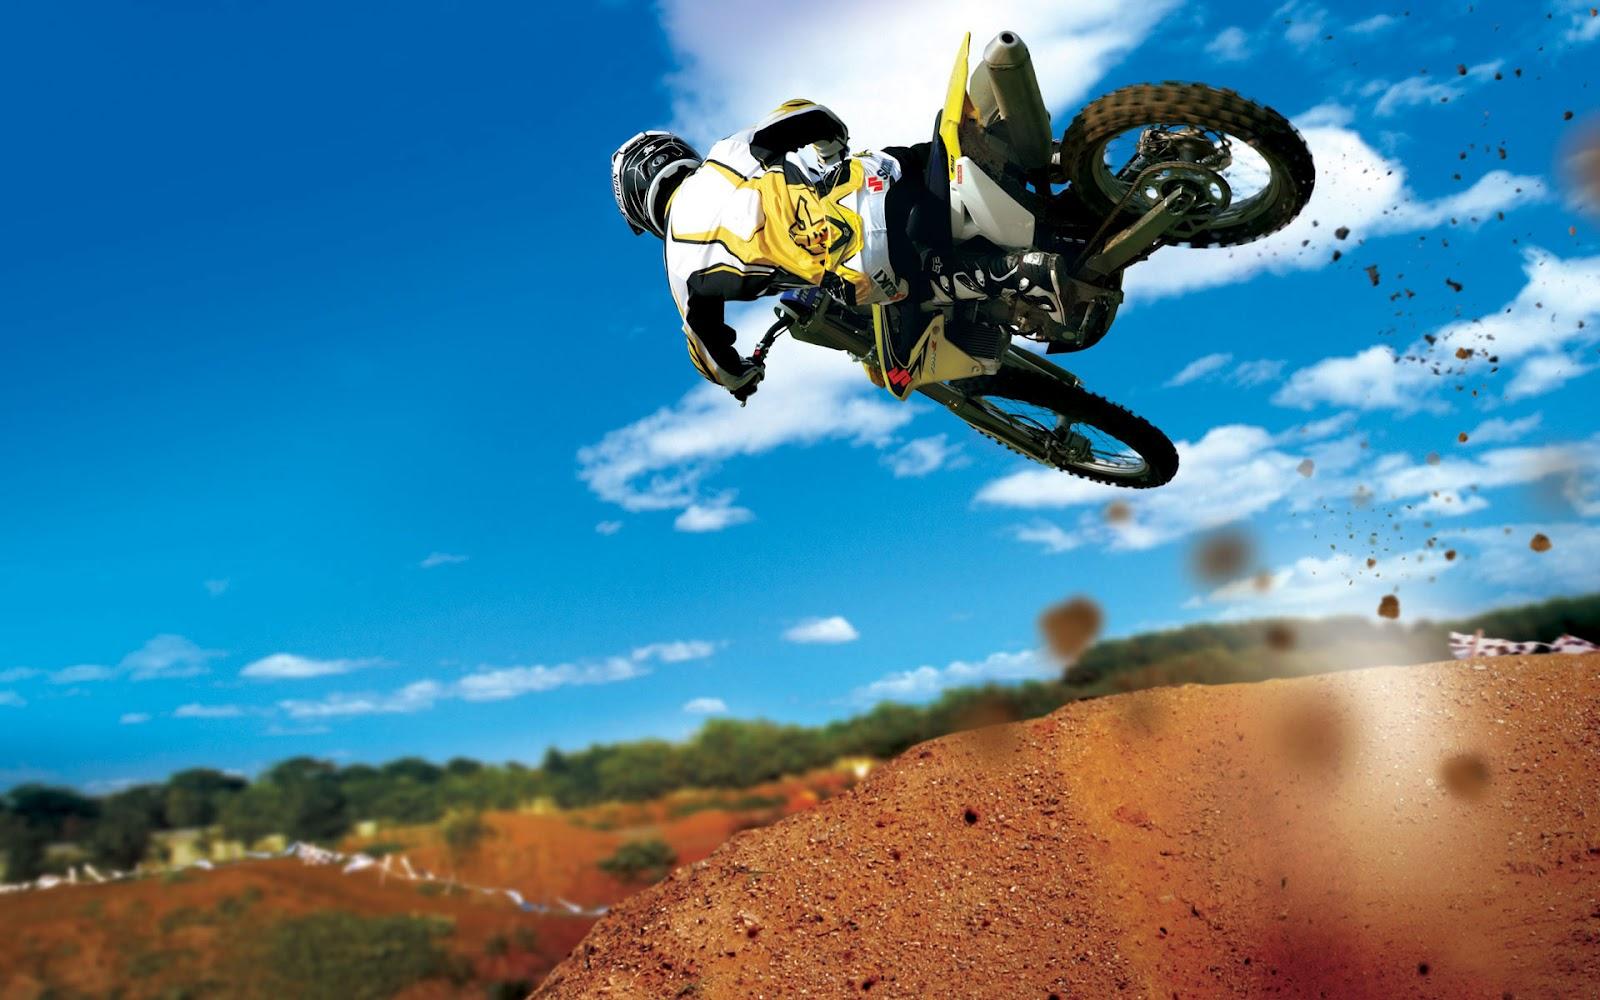 http://1.bp.blogspot.com/-pInNn57iNB8/T9W8NAGUOJI/AAAAAAAABDw/bkRnQ1HEthc/s1600/HD-background-desktop-motocross-wallpapers.jpg